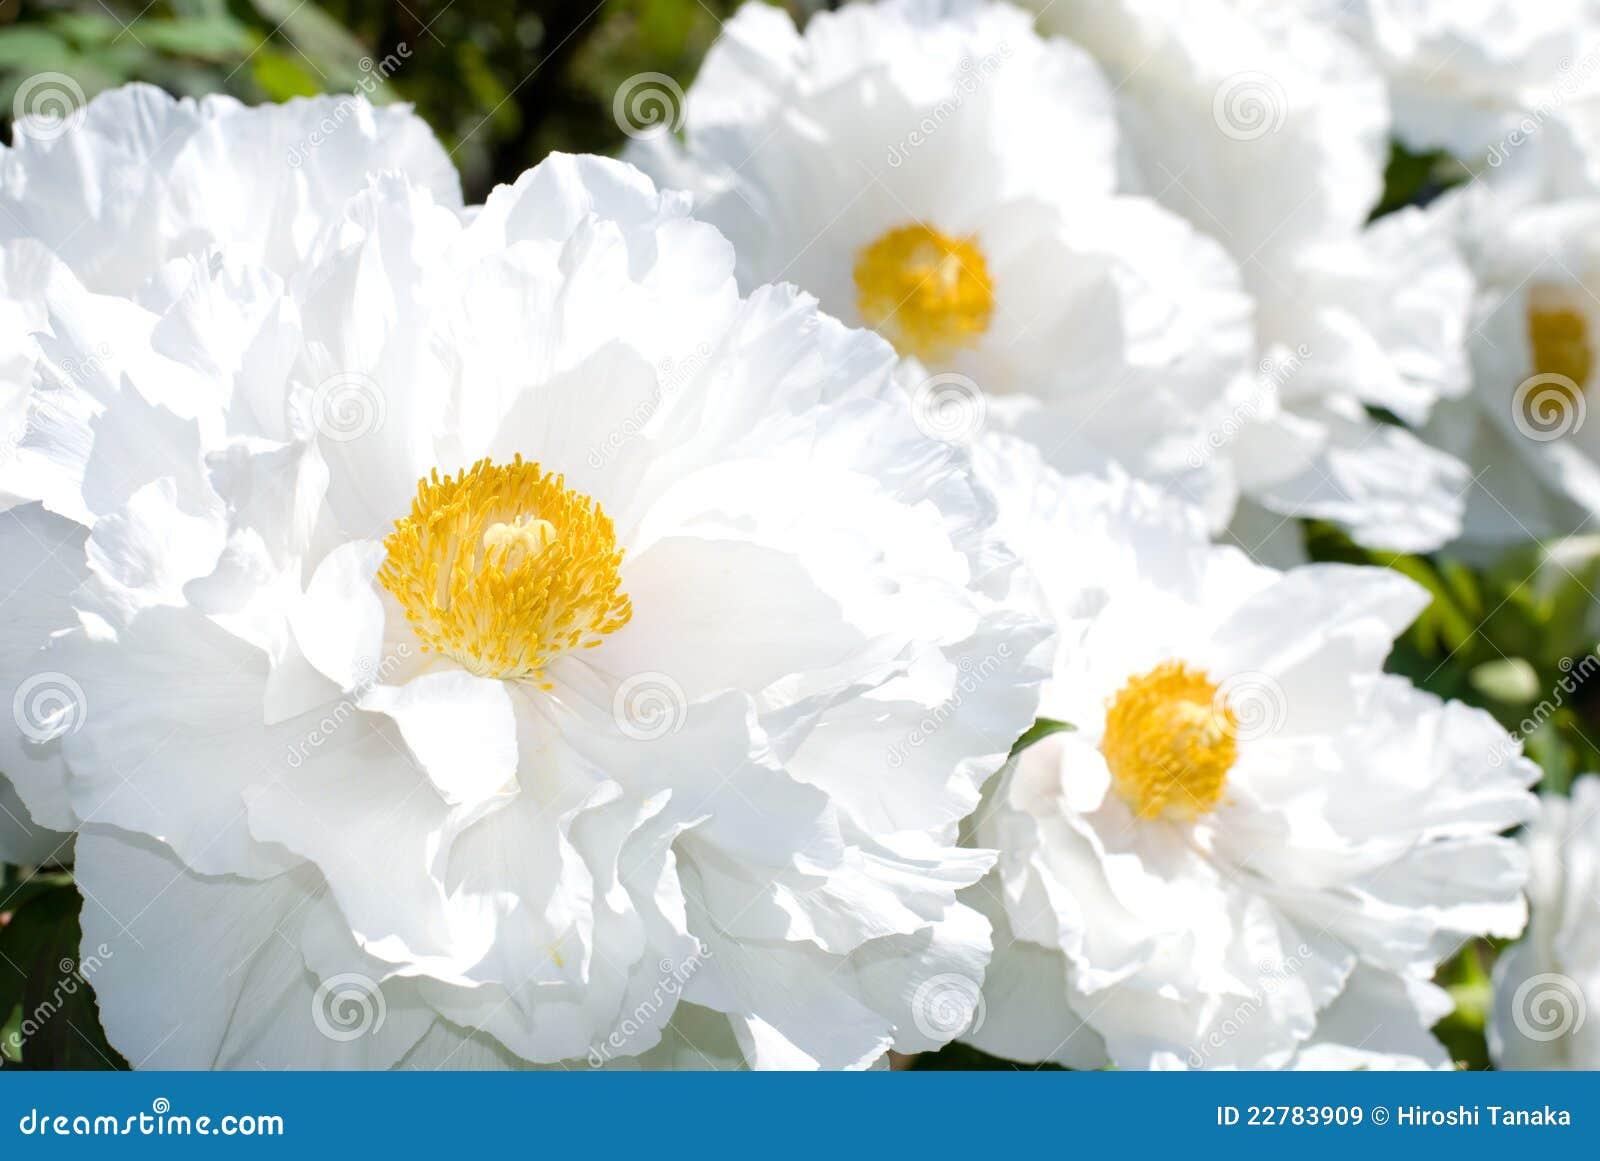 De witte tuin van de boompioen